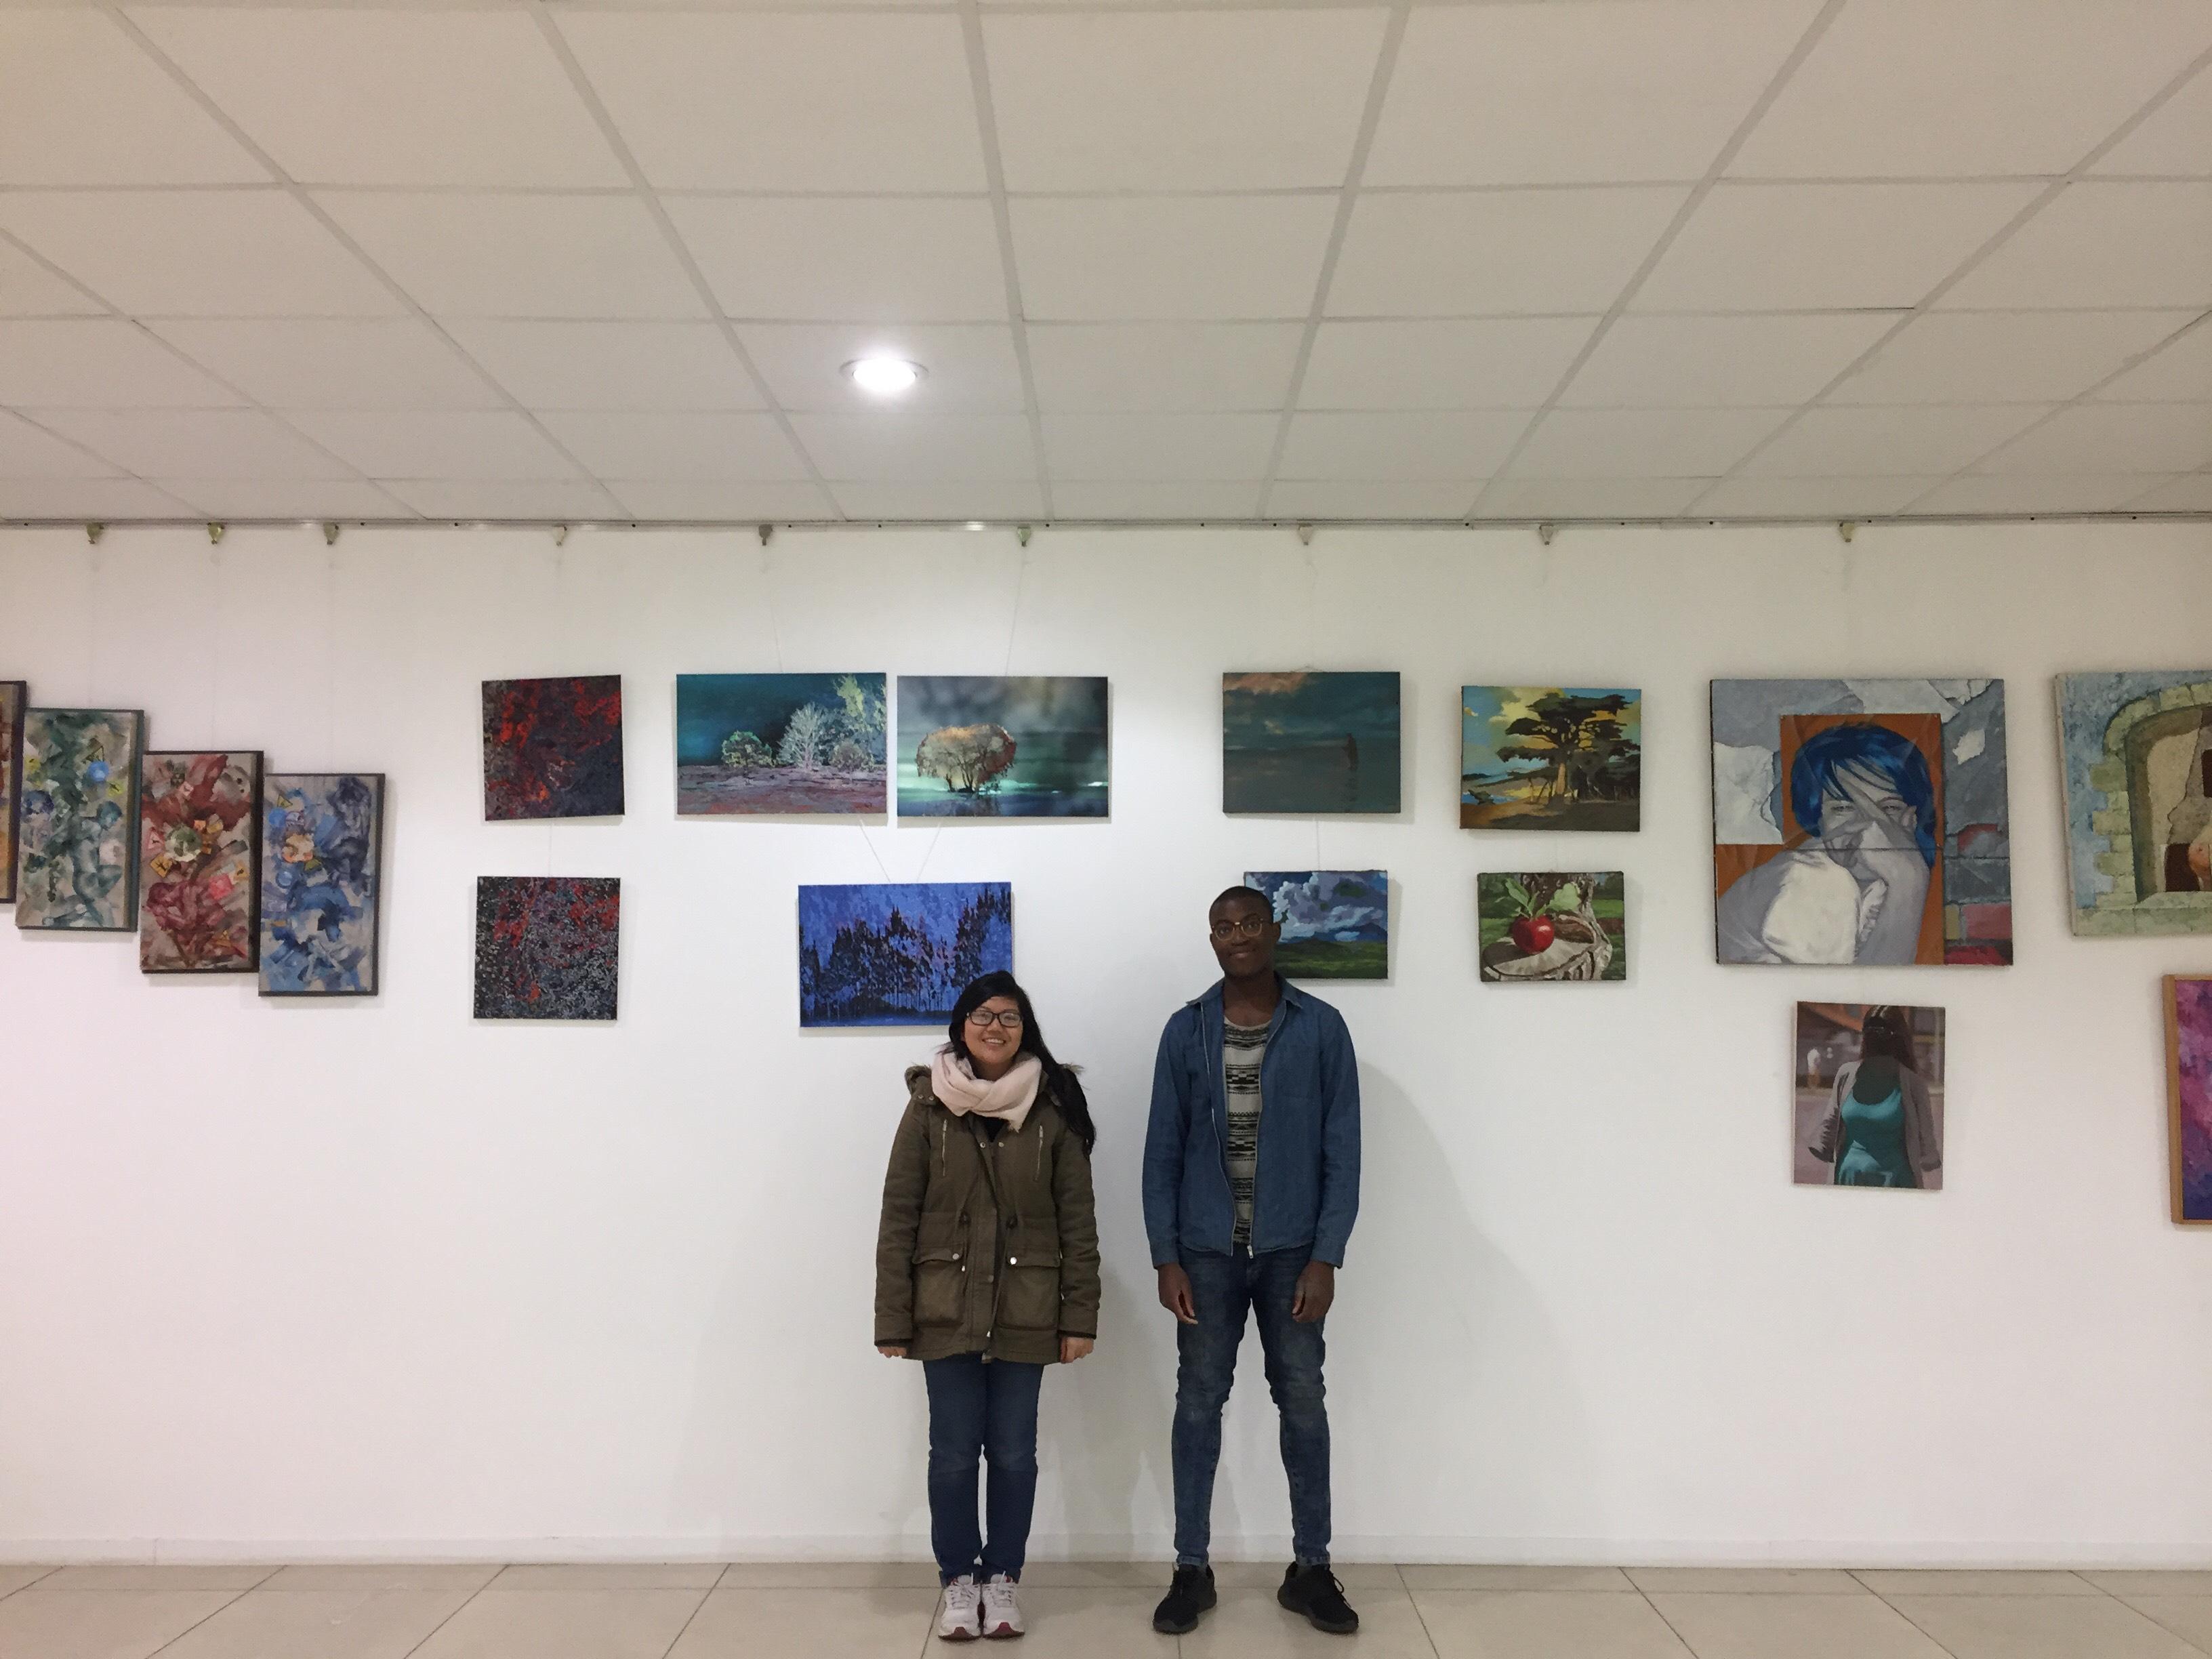 Salon d'art de printemps d'Aulnay